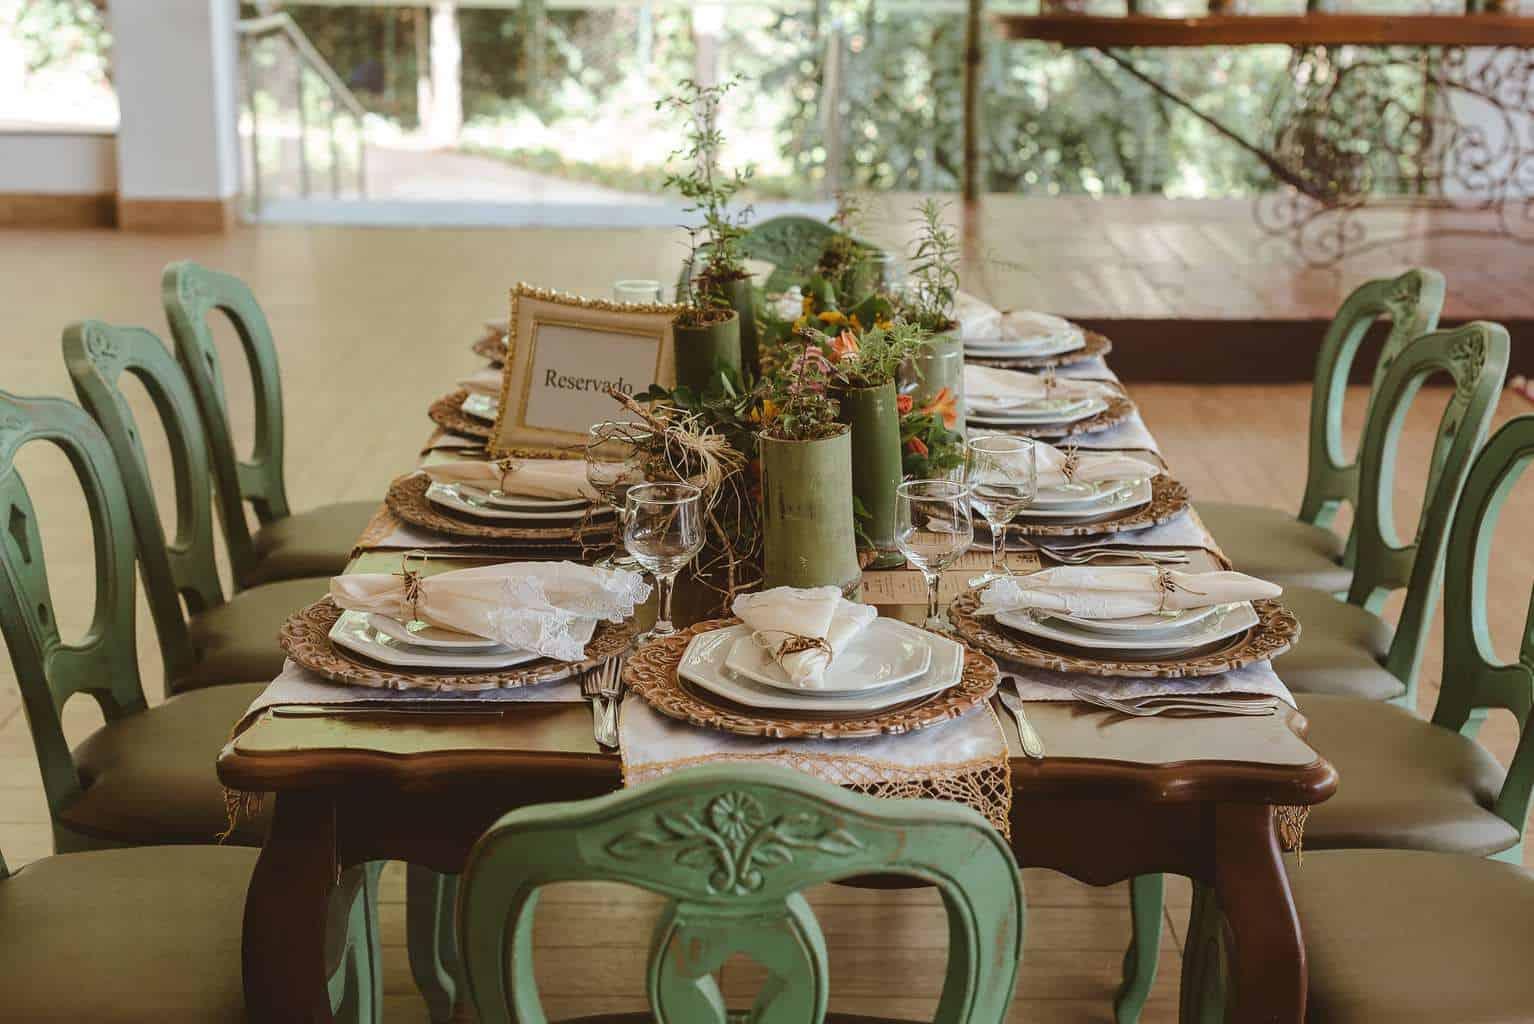 casamento-ao-ar-livre-casamento-boho-casamento-geek-casamento-rustico-casamento-Thais-e-Pedro-decoração-Revoar-Fotografia-Villa-Borghese-Eventos-10